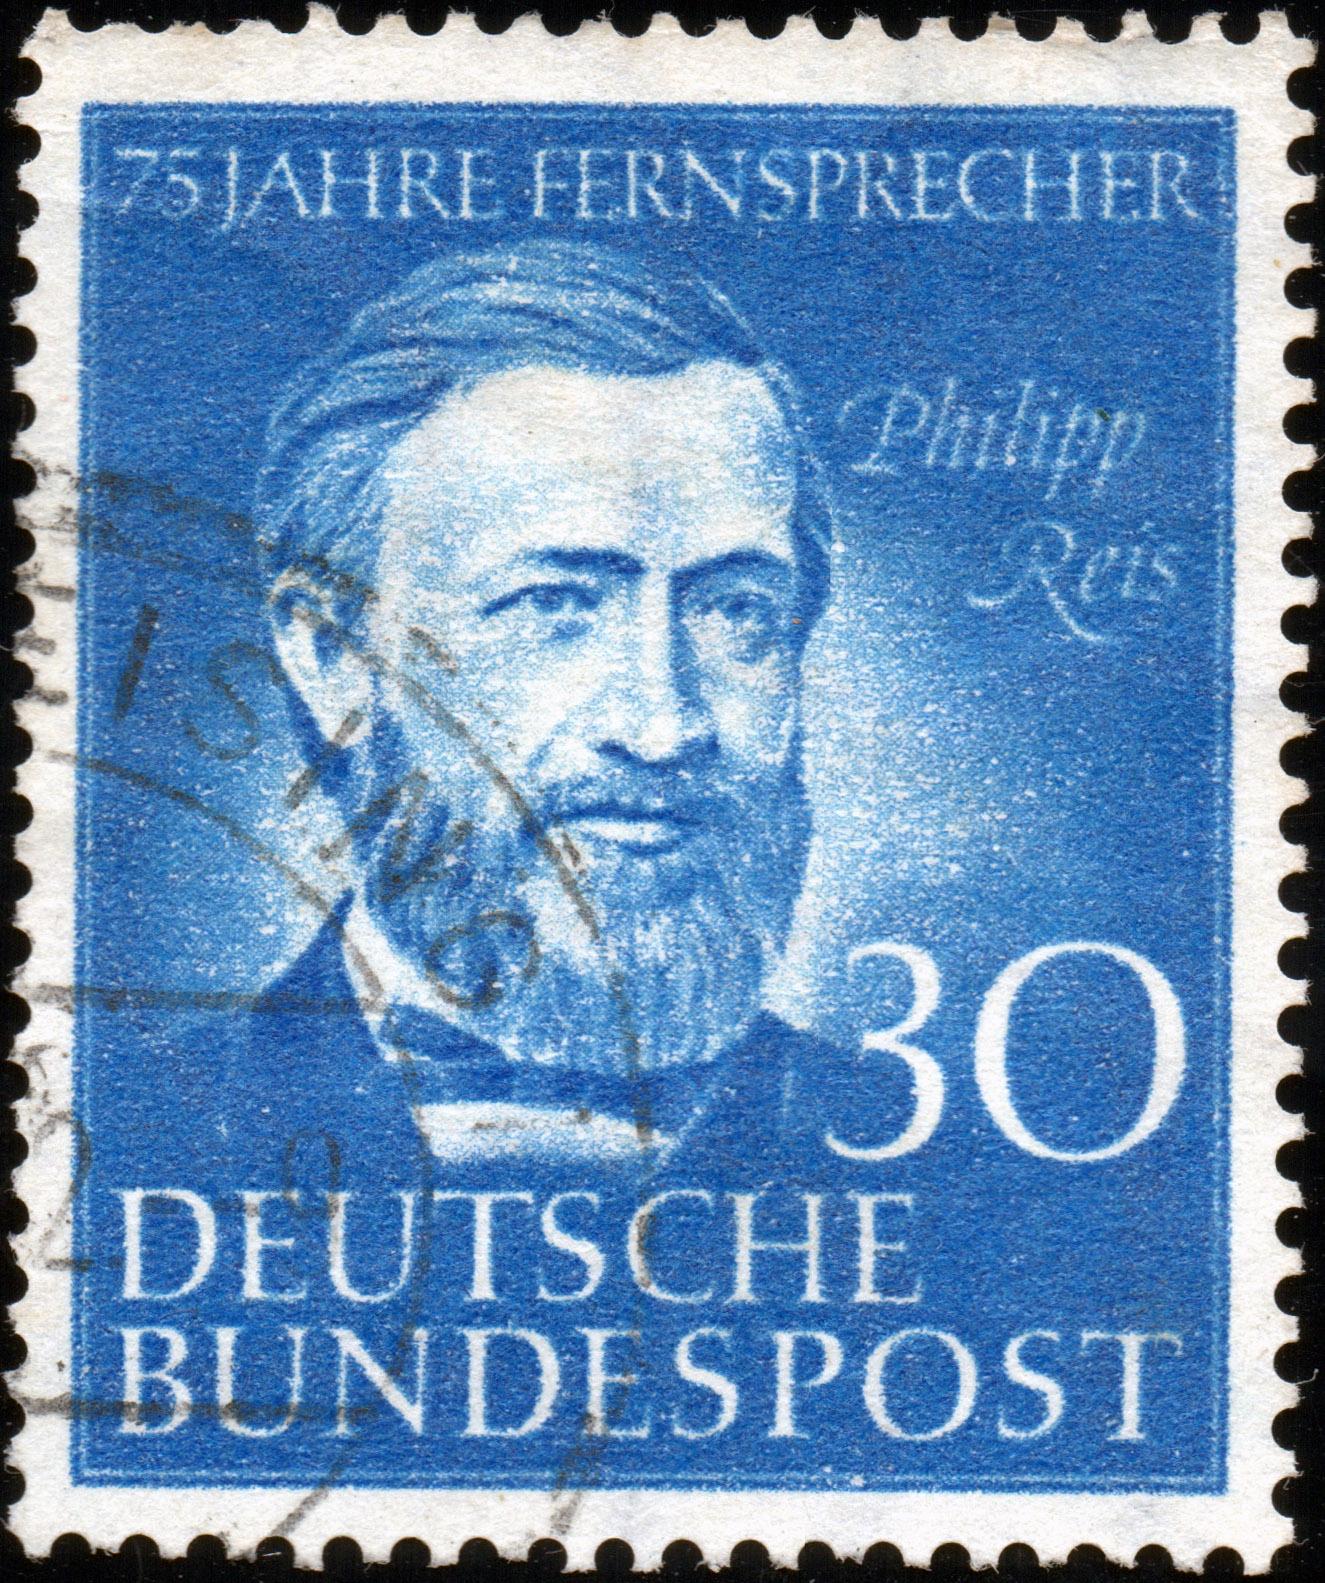 Brief Nach Hamburg Briefmarke : Deutsche bundespost jahre fernsprecher